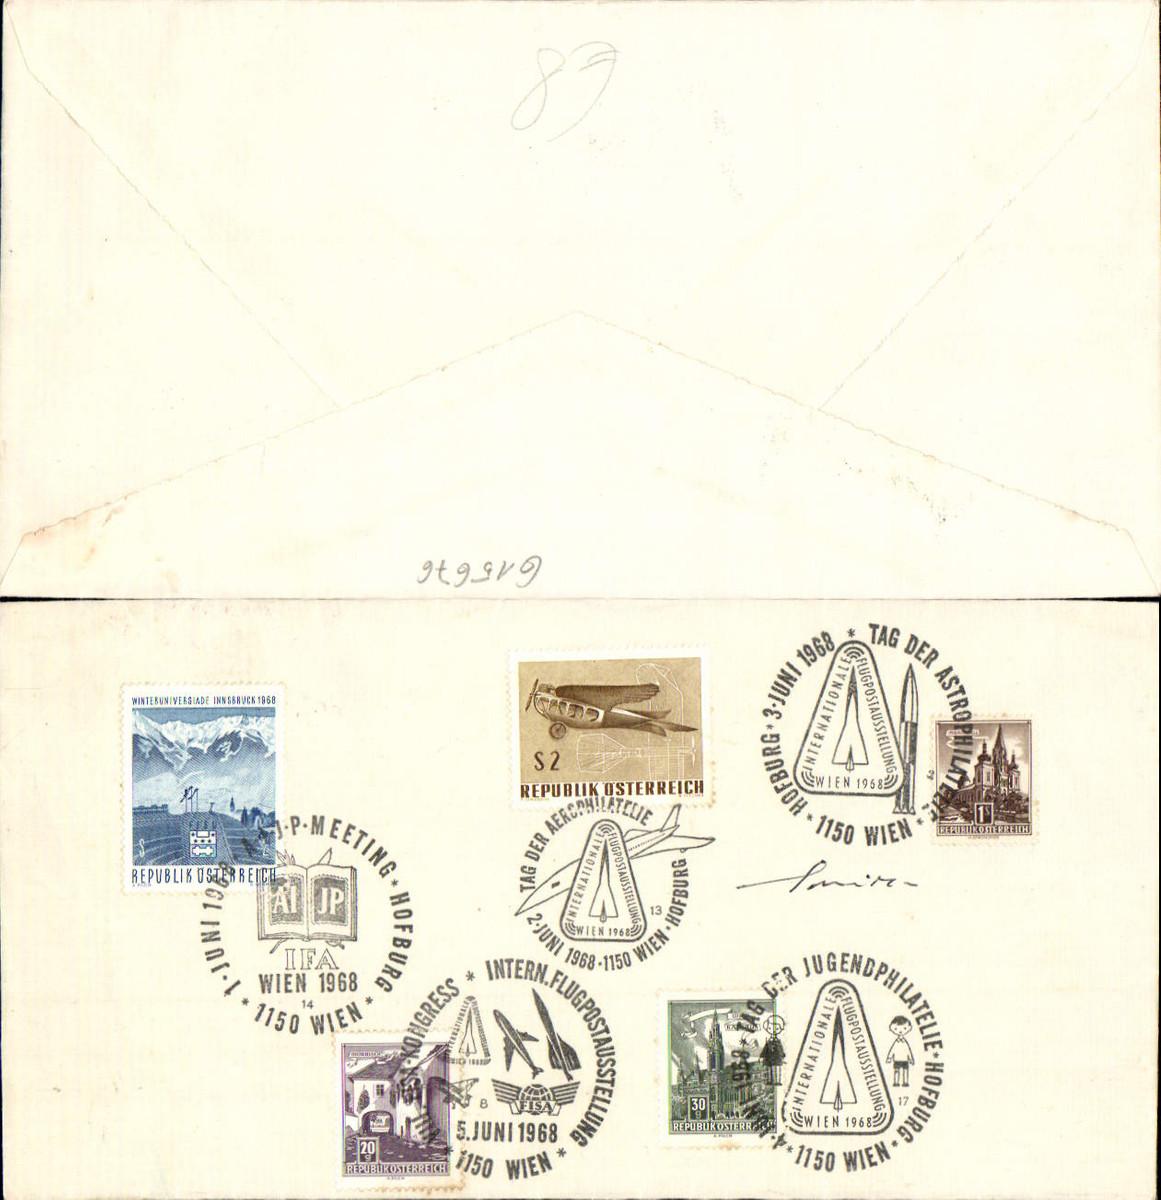 615676,Sonderstempel 5 Stp. Flugpostausstellung Astrophilatelie Jugendphilatelie 1968 günstig online kaufen